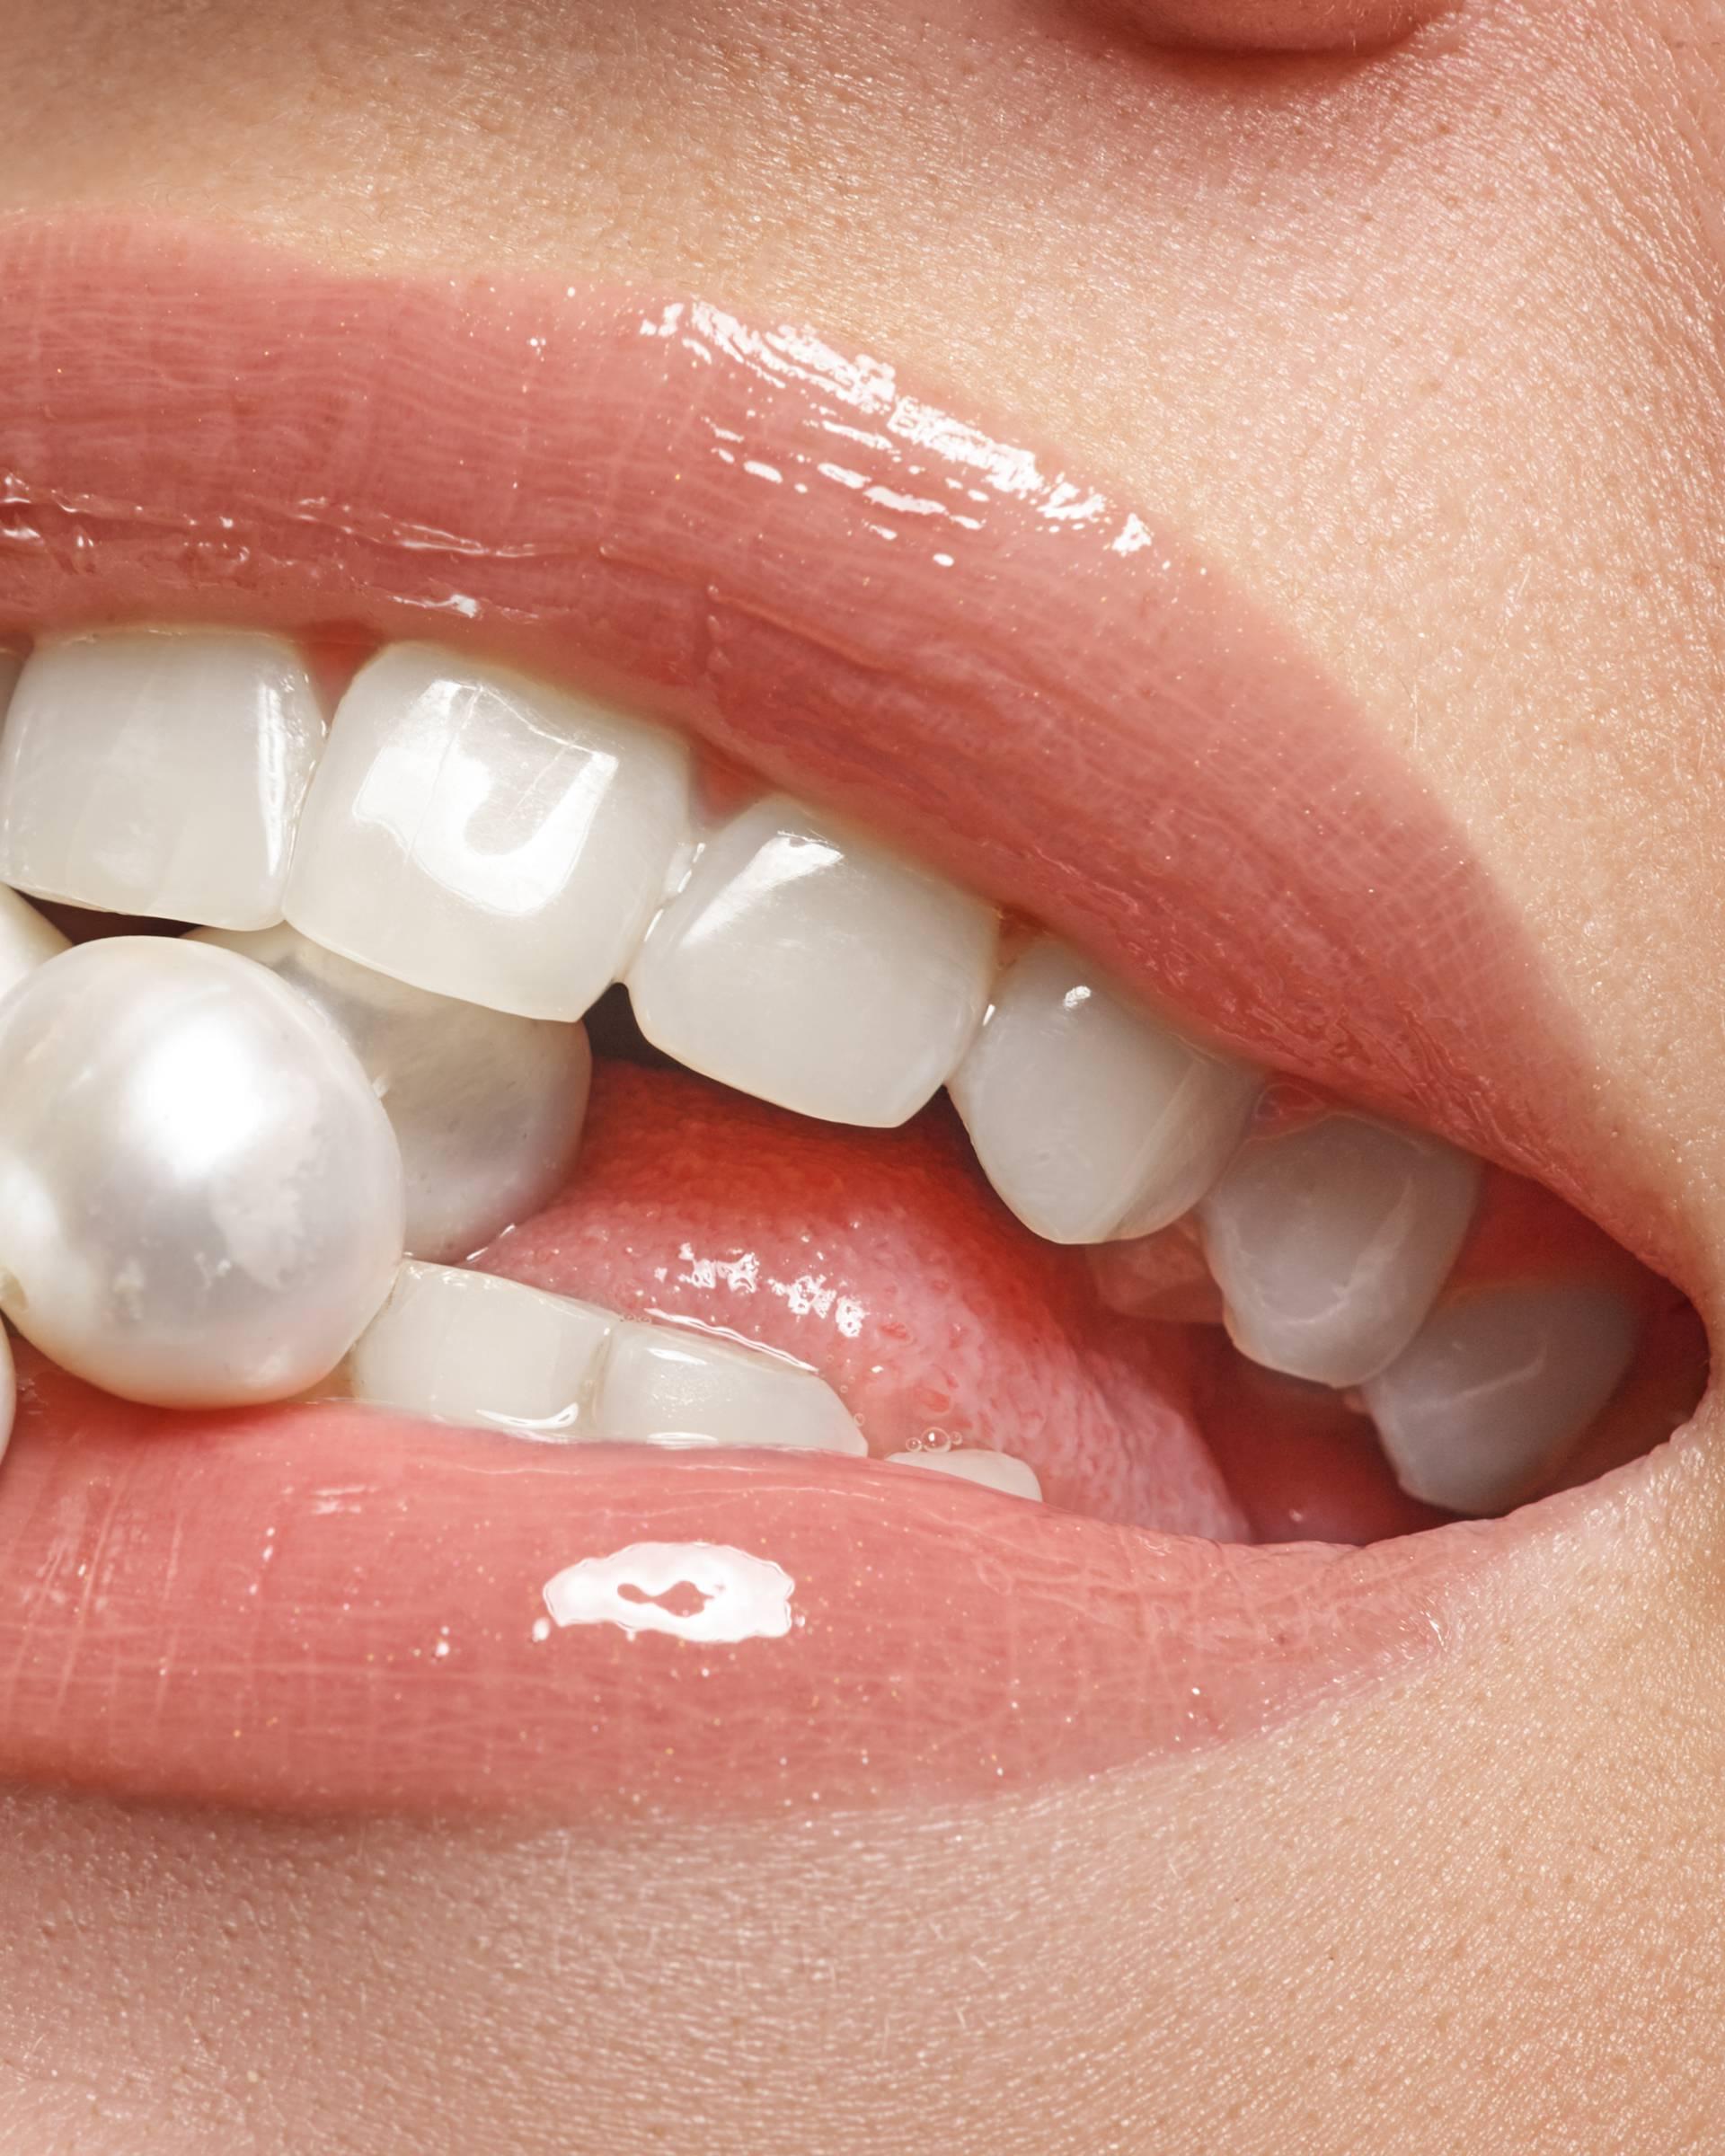 Higijena usta: Aktivni ugljen i kremen štite zube od kvarenja